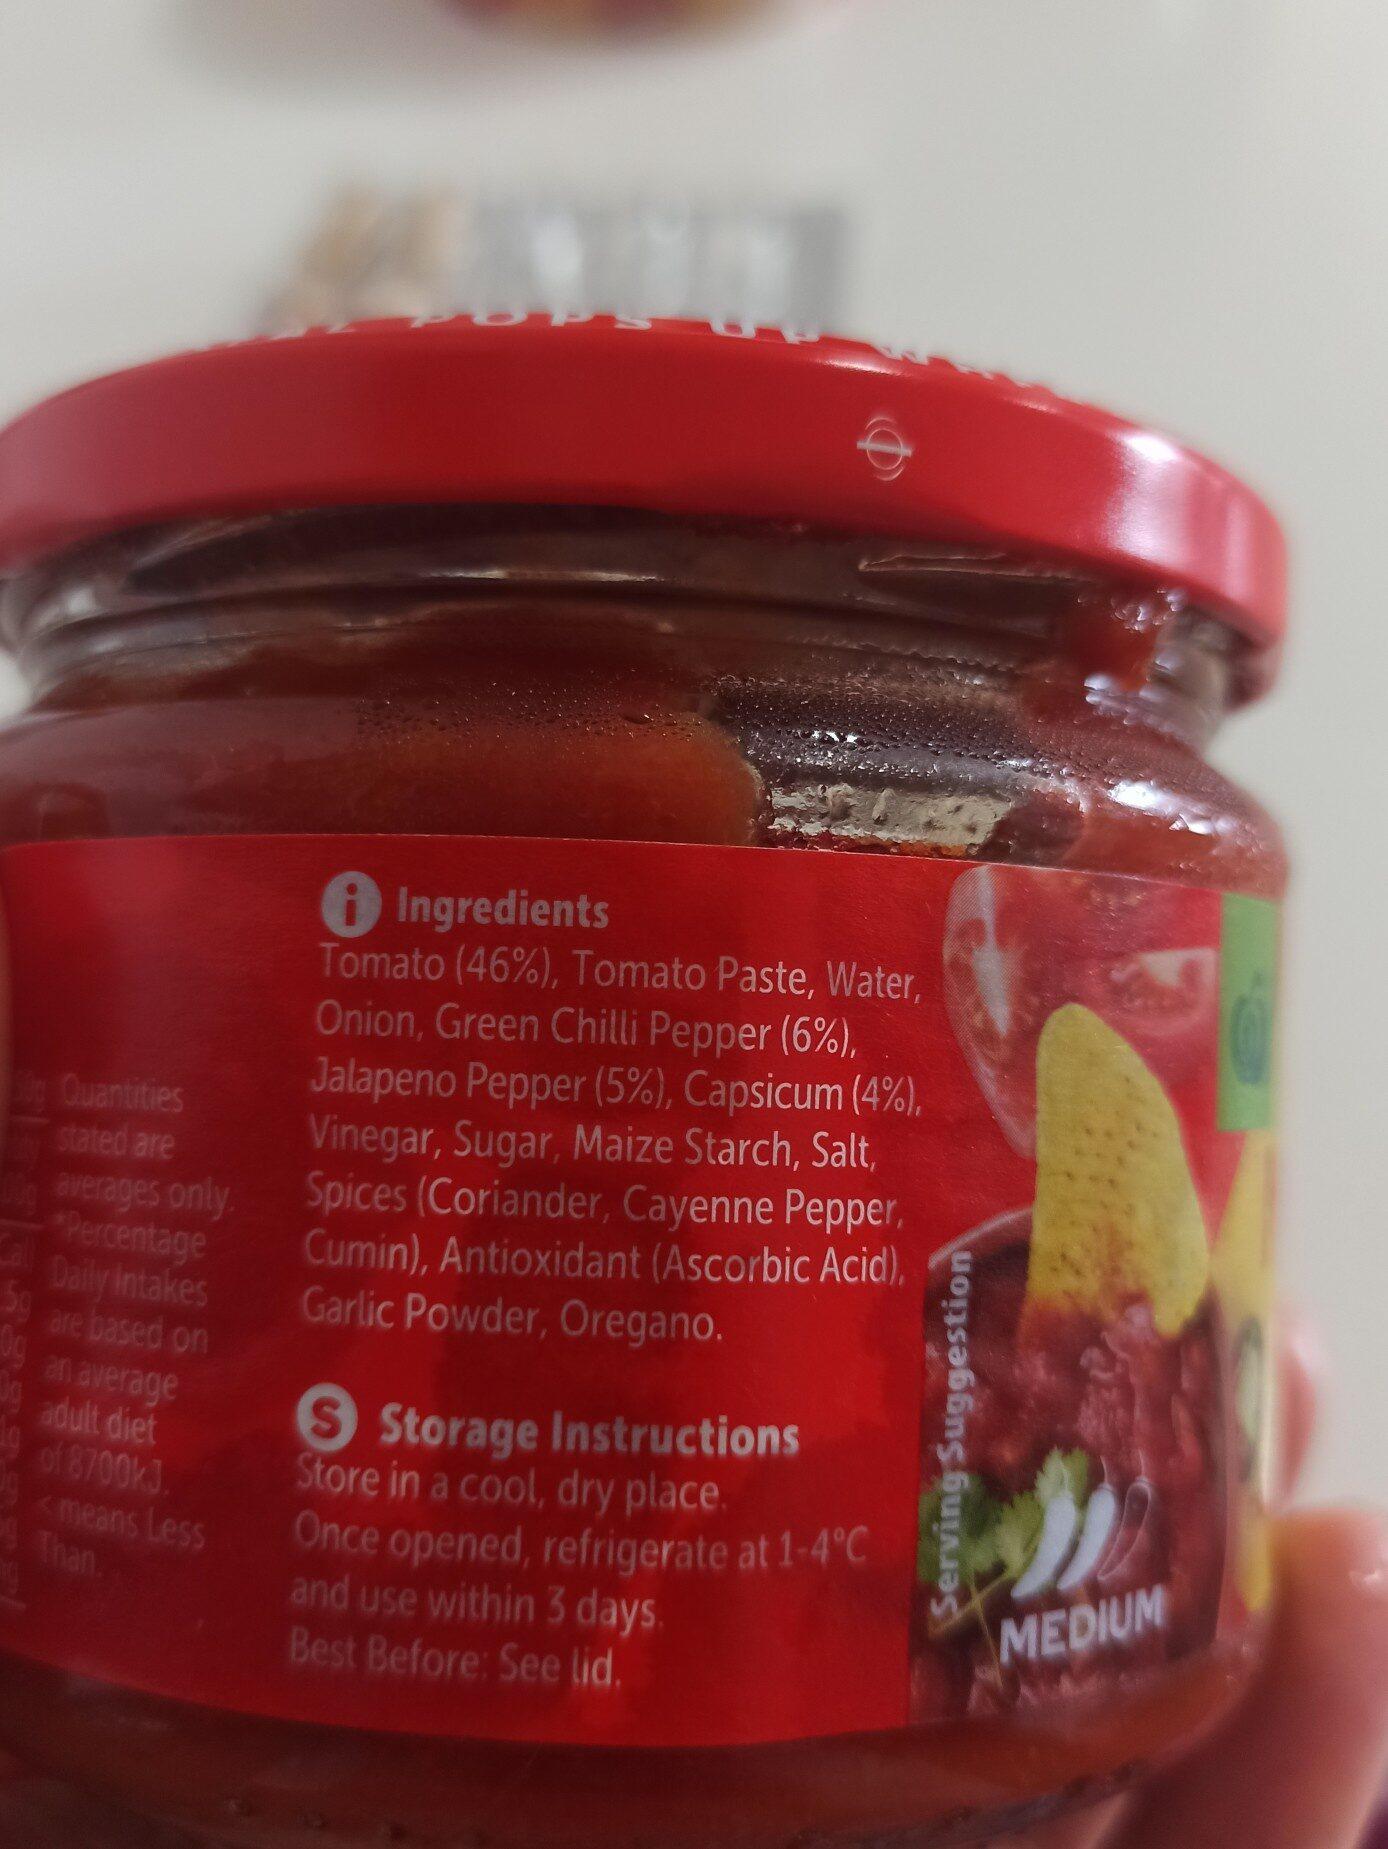 Woolworths Brand Chunky Tomato Medium Salsa - Ingredients - en